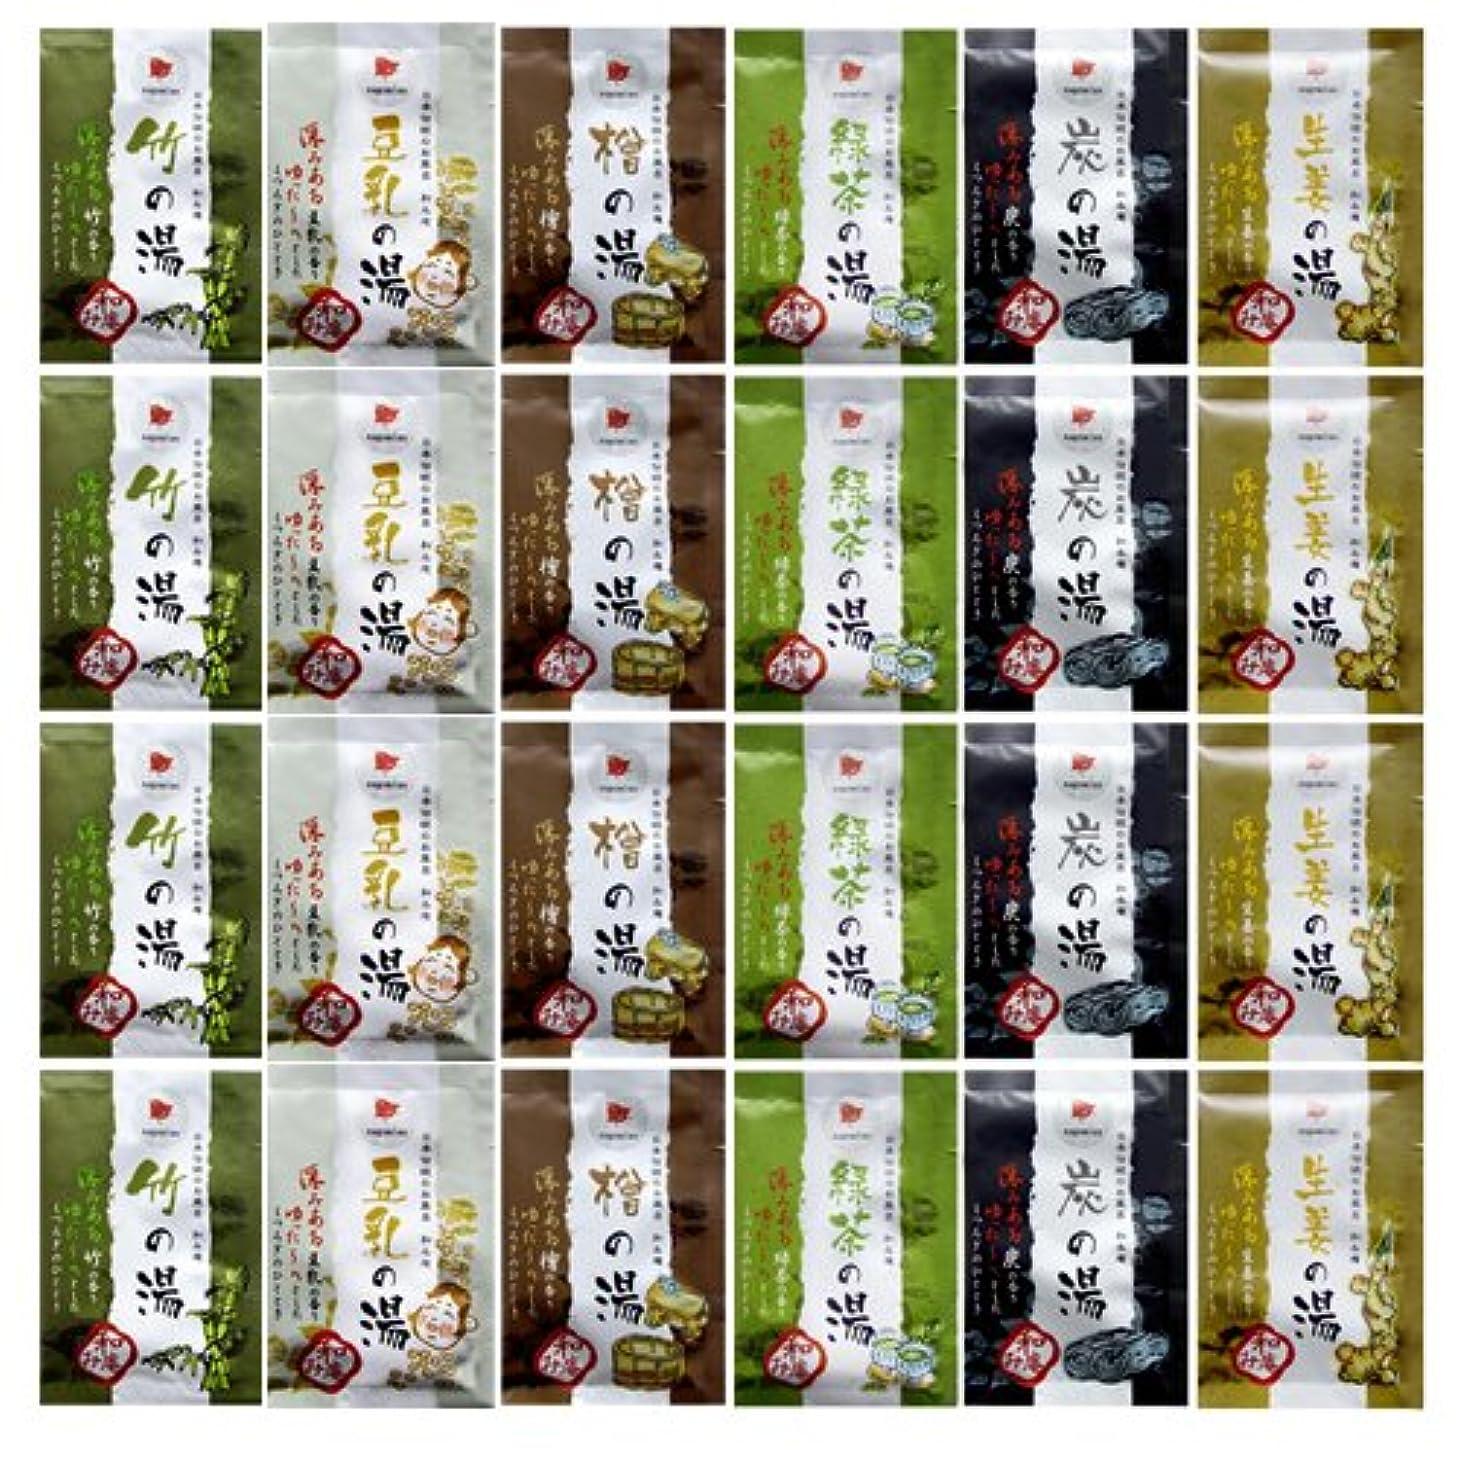 曲いろいろ短命日本伝統のお風呂 和み庵 6種類セット (6種類×4セット)